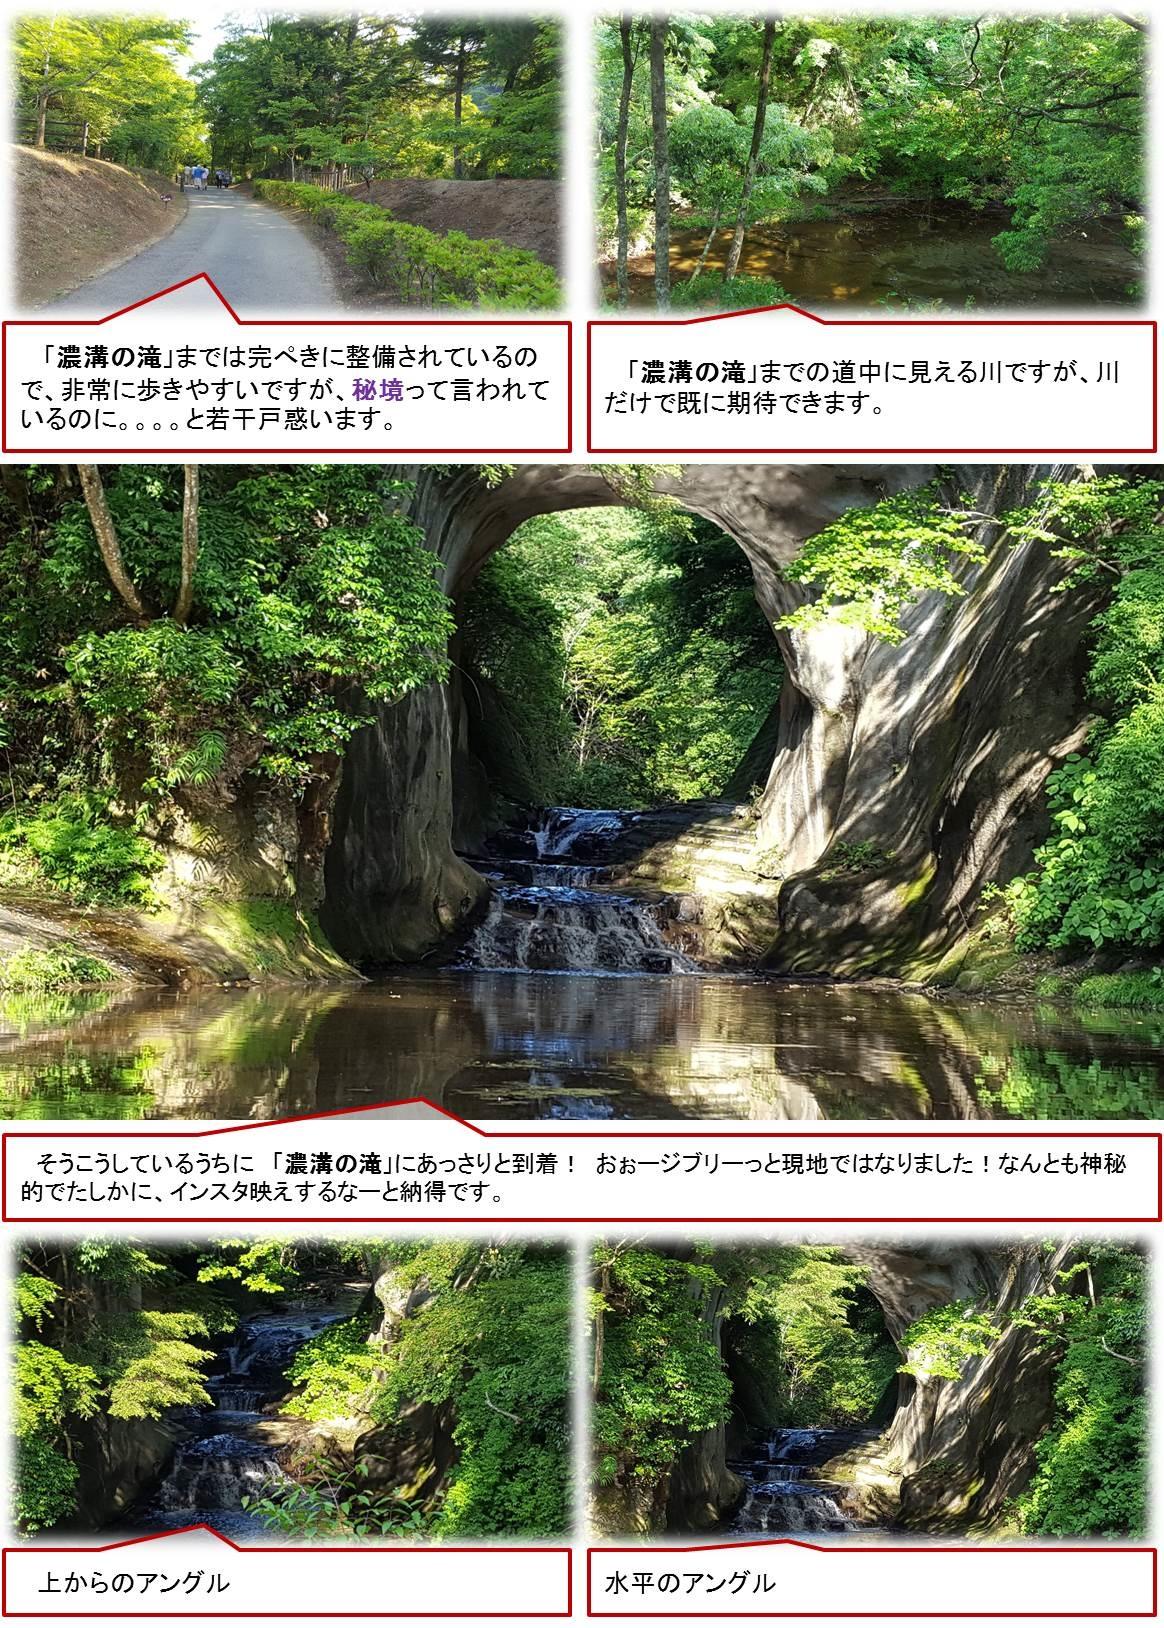 「濃溝の滝」までは完ぺきに整備されているので、非常に歩きやすいですが、秘境って言われているのに。。。。と若干戸惑います。  「濃溝の滝」までの道中に見える川ですが、川だけで既に期待できます。  そうこうしているうちに  「濃溝の滝」にあっさりと到着! おぉージブリーっと現地ではなりました!なんとも神秘的でたしかに、インスタ映えするなーと納得です。  上からのアングル 水平のアングル